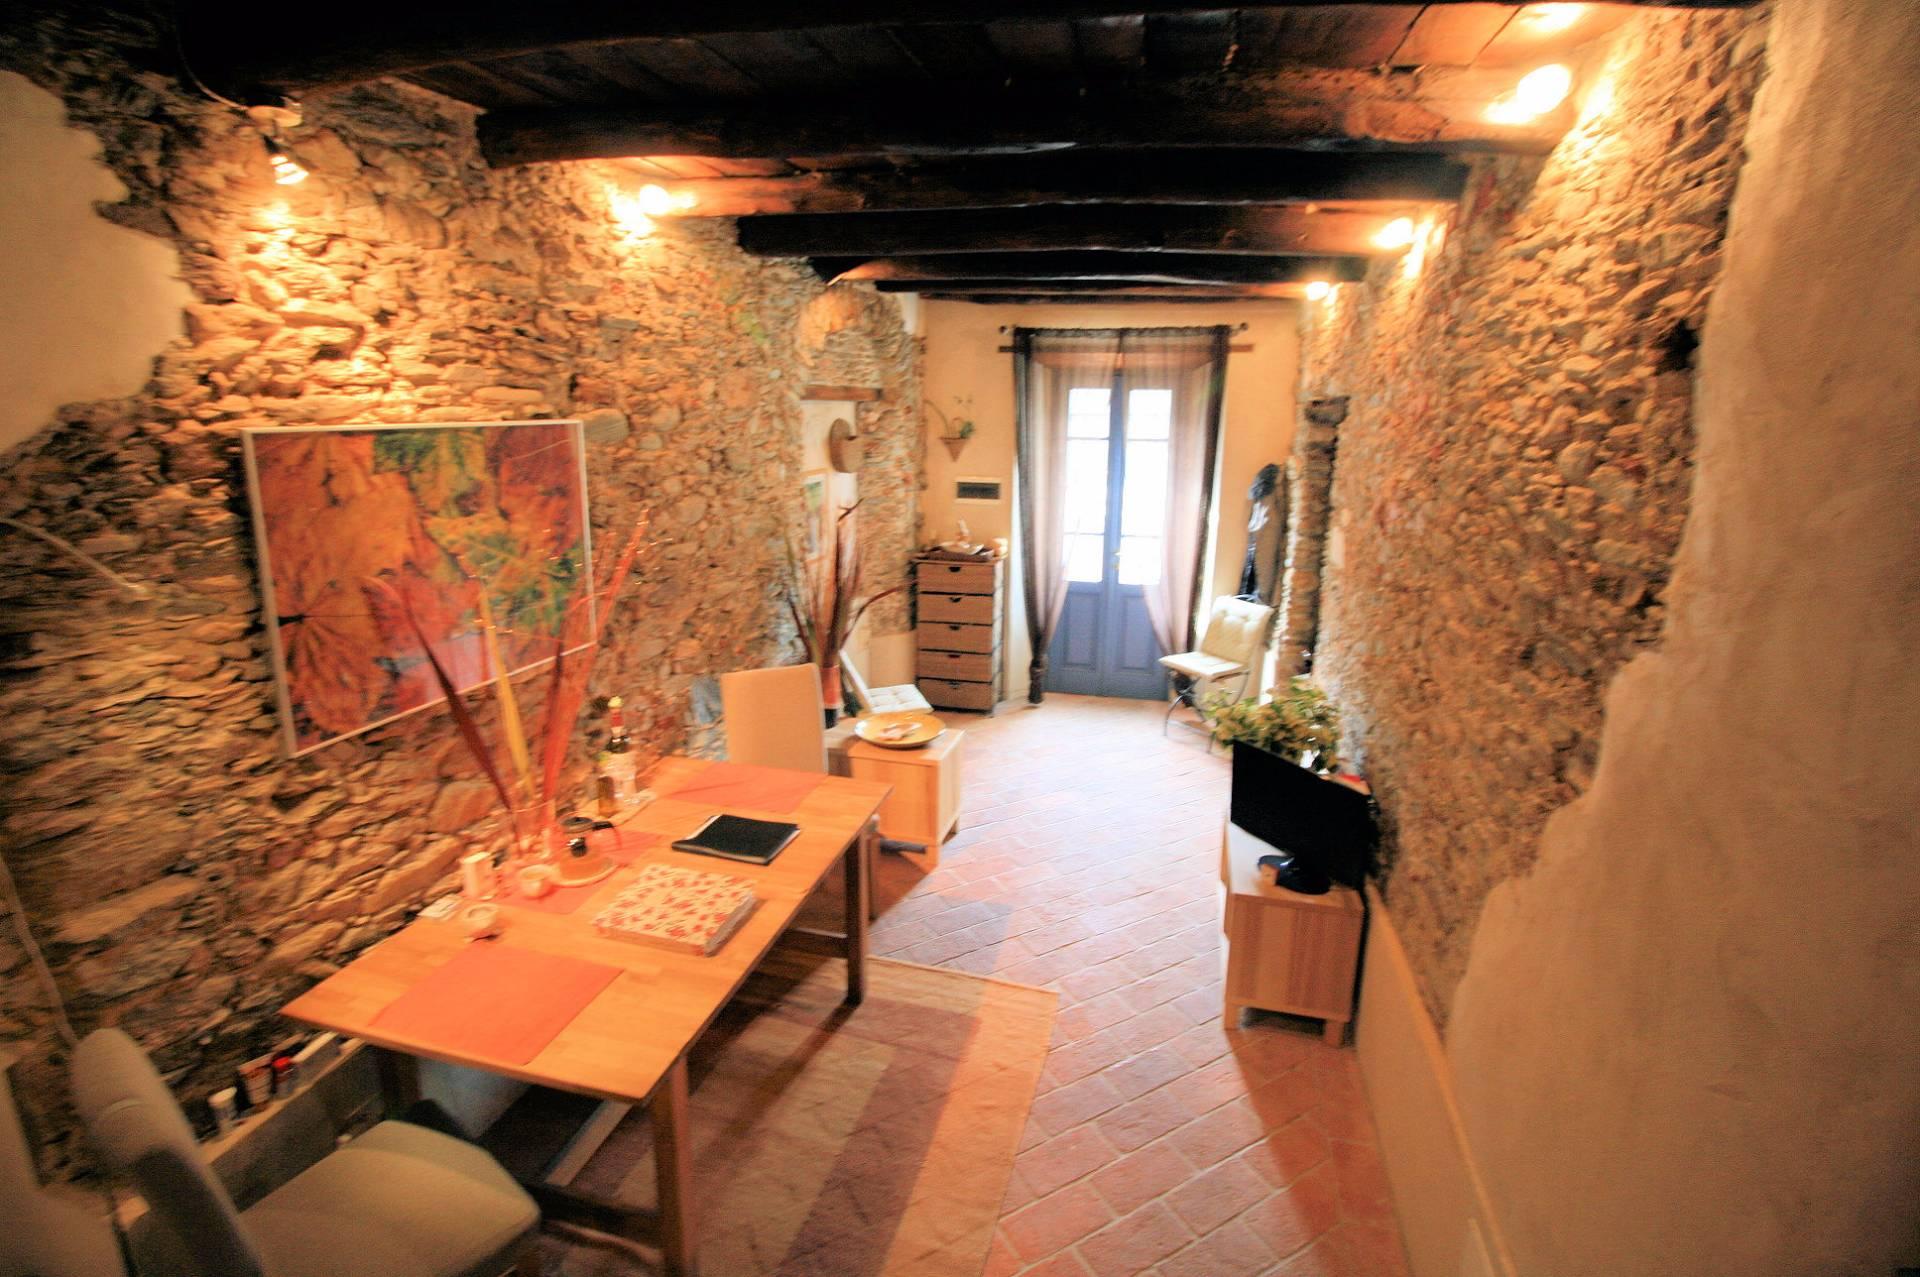 Rustico / Casale in vendita a Pietrasanta, 3 locali, prezzo € 249.000 | Cambio Casa.it